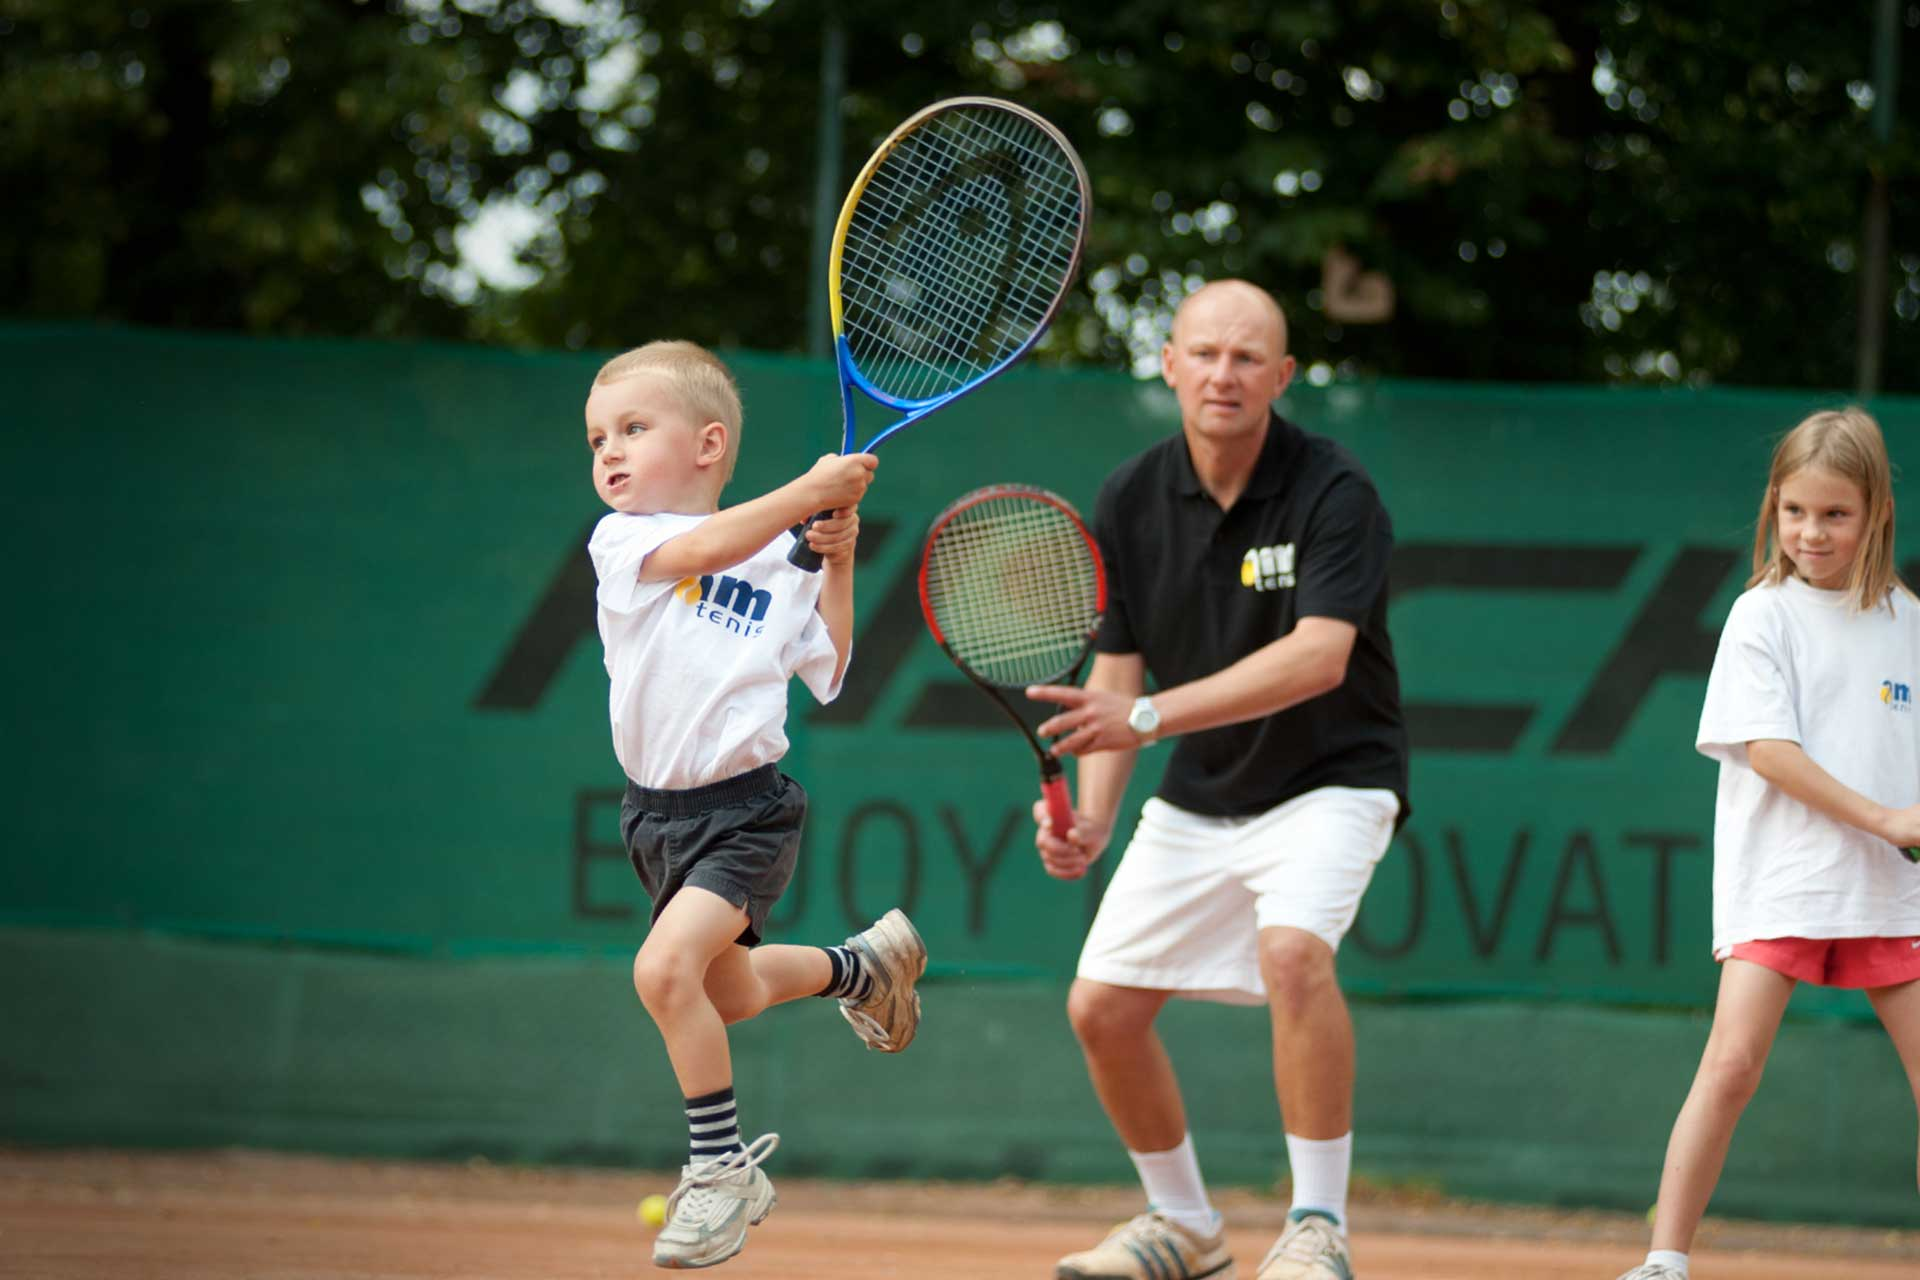 Przez tenis do Zdrowia